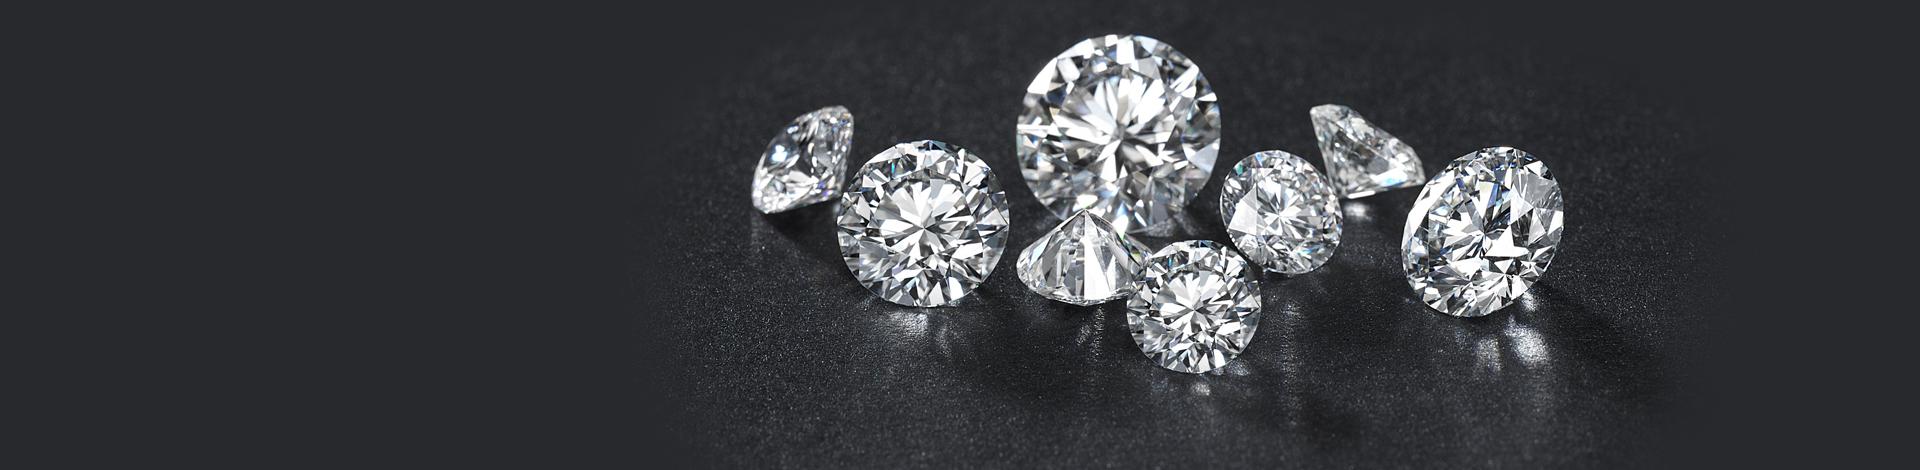 16689bc84738 бриллианты. Самые выгодные условия покупки